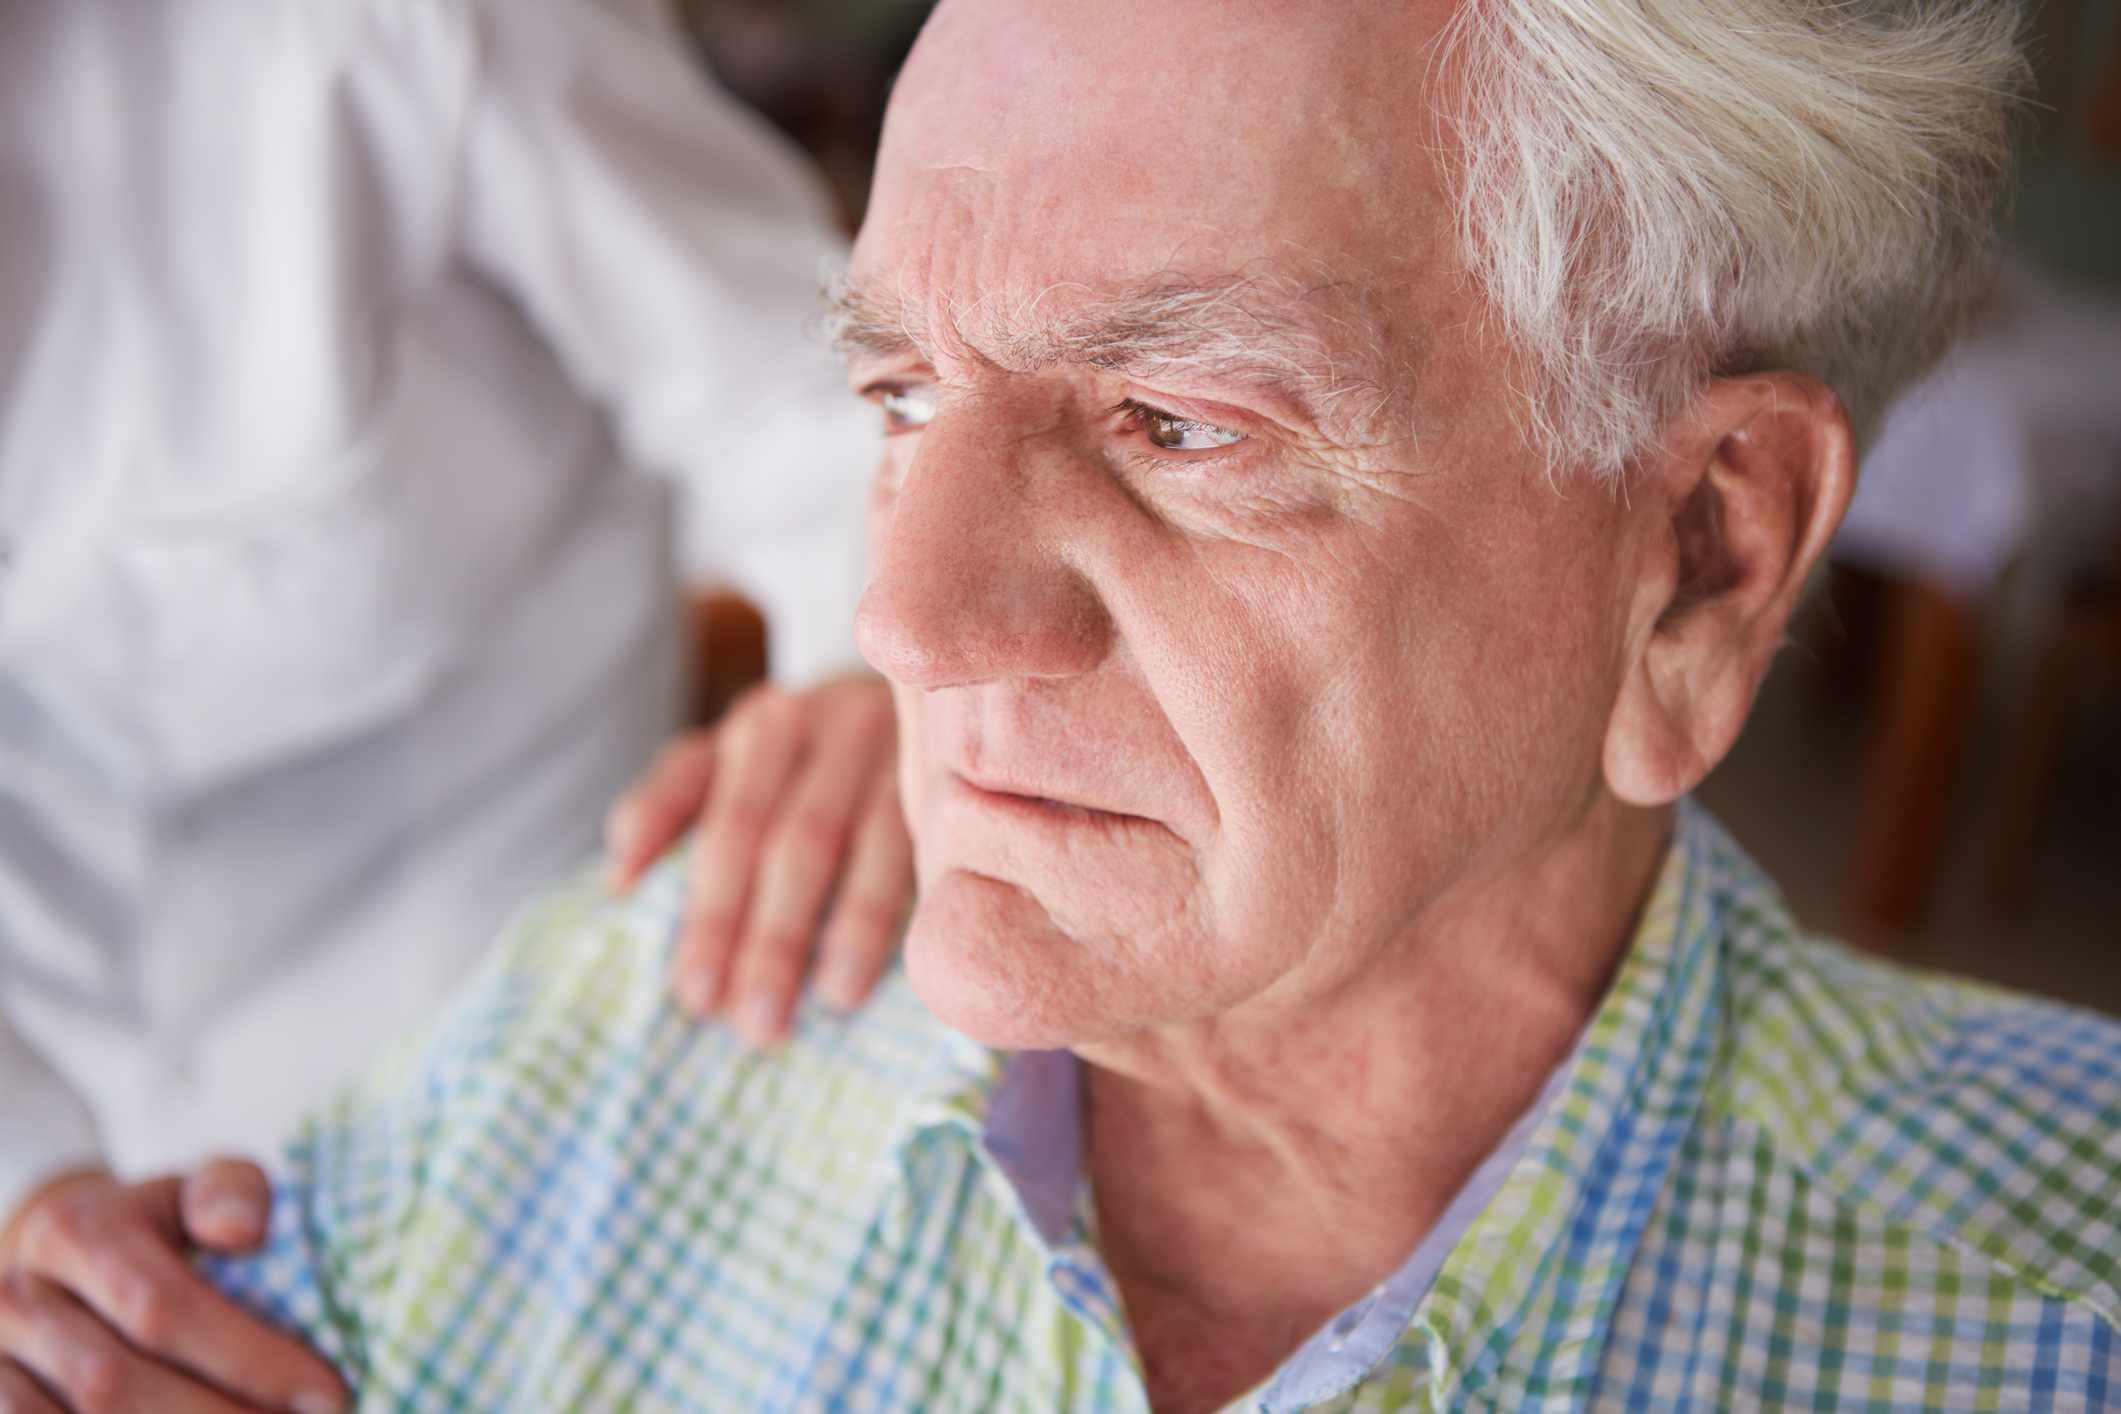 Aggression in Care question